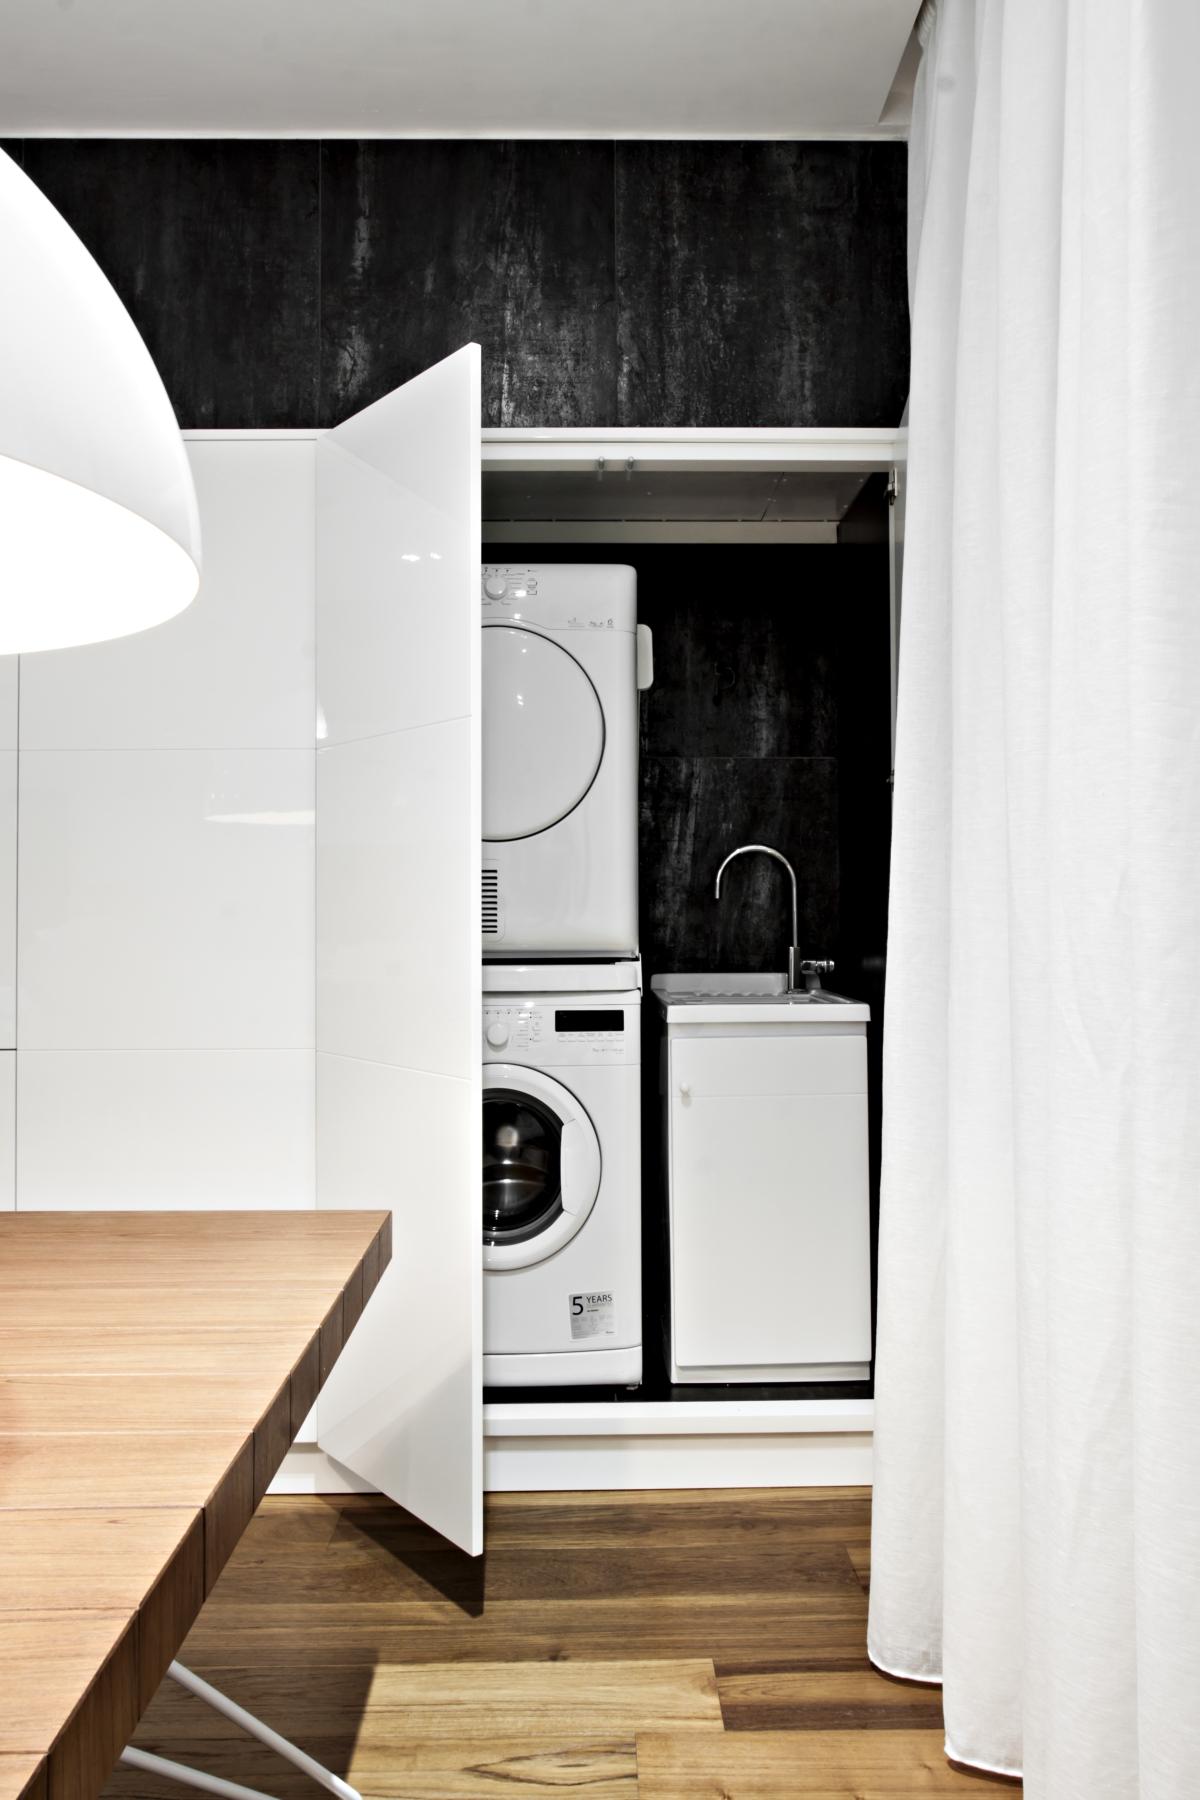 Die Behälter in glänzend lackierten MDF integrieren alle Strukturelemente, wie Haushaltsgeräte und Geschirr.